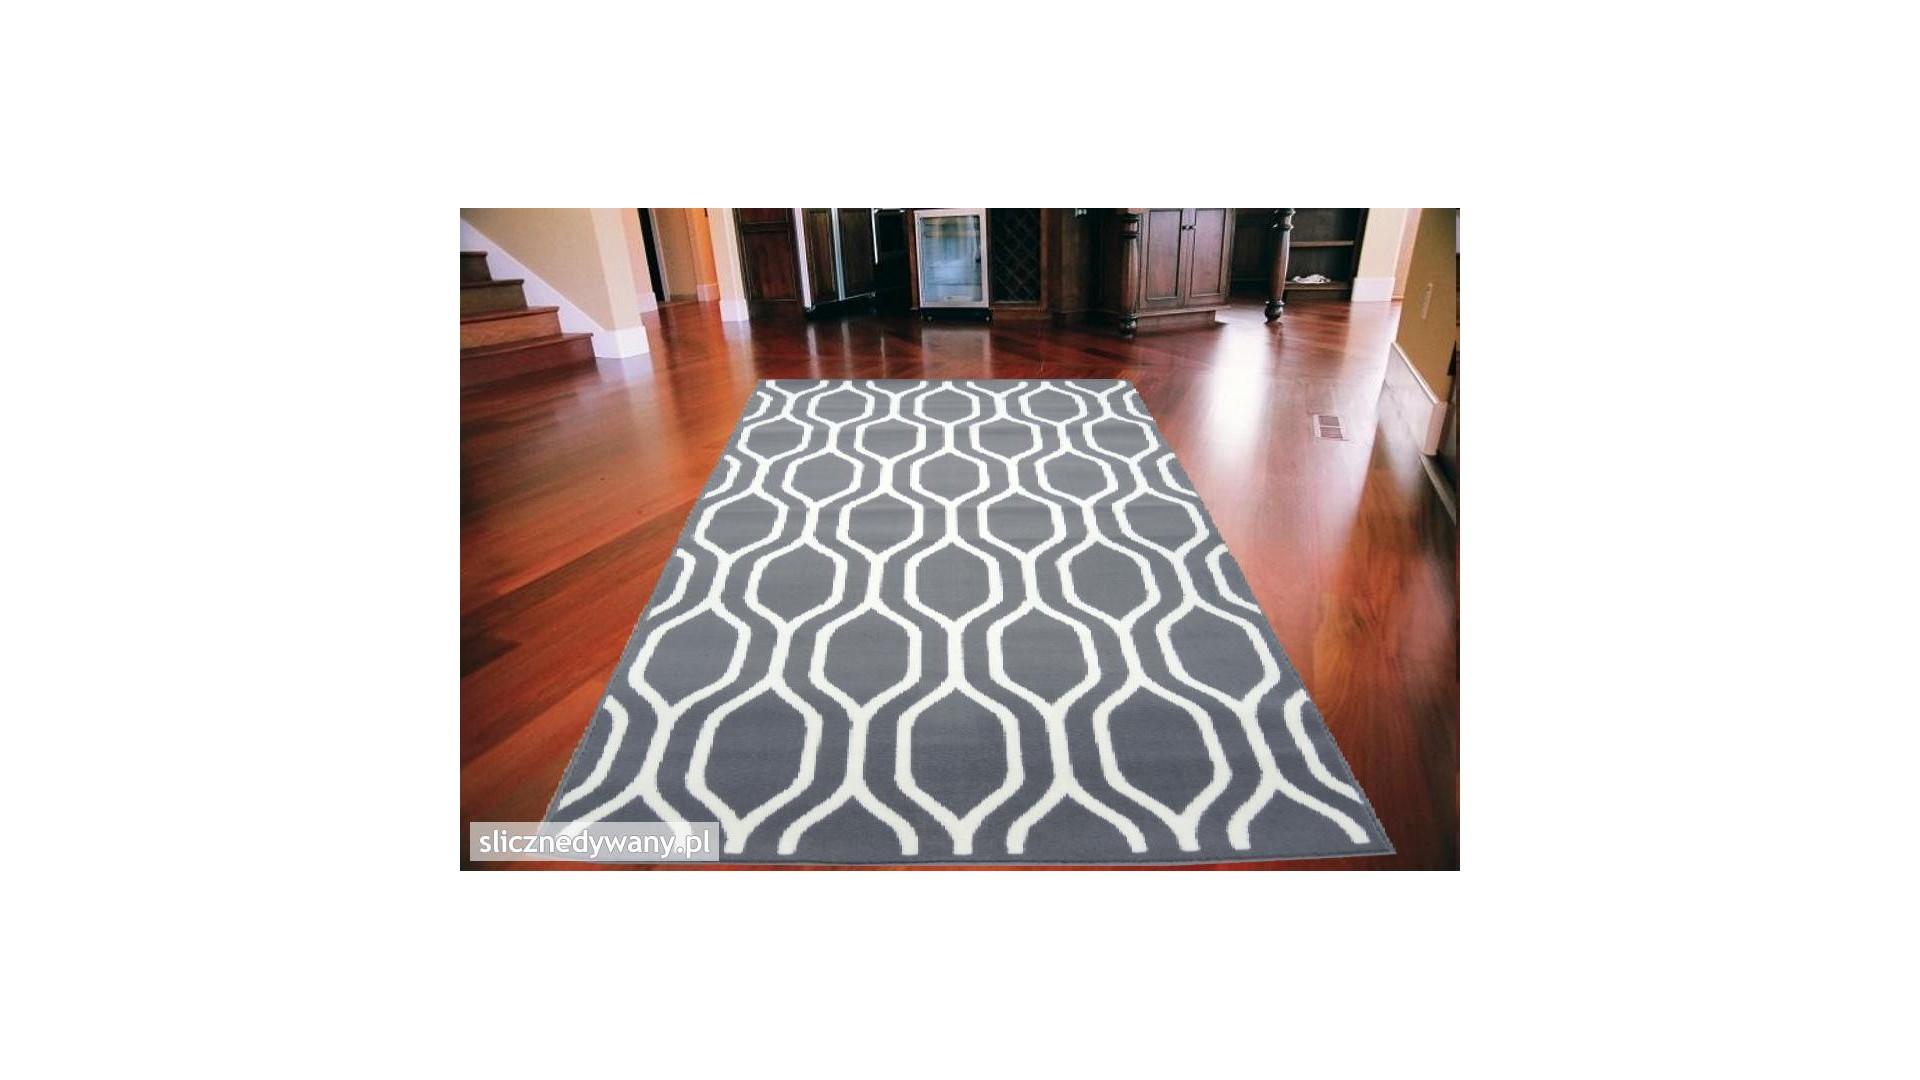 Piękny dywan w modne marokańskie wzory.